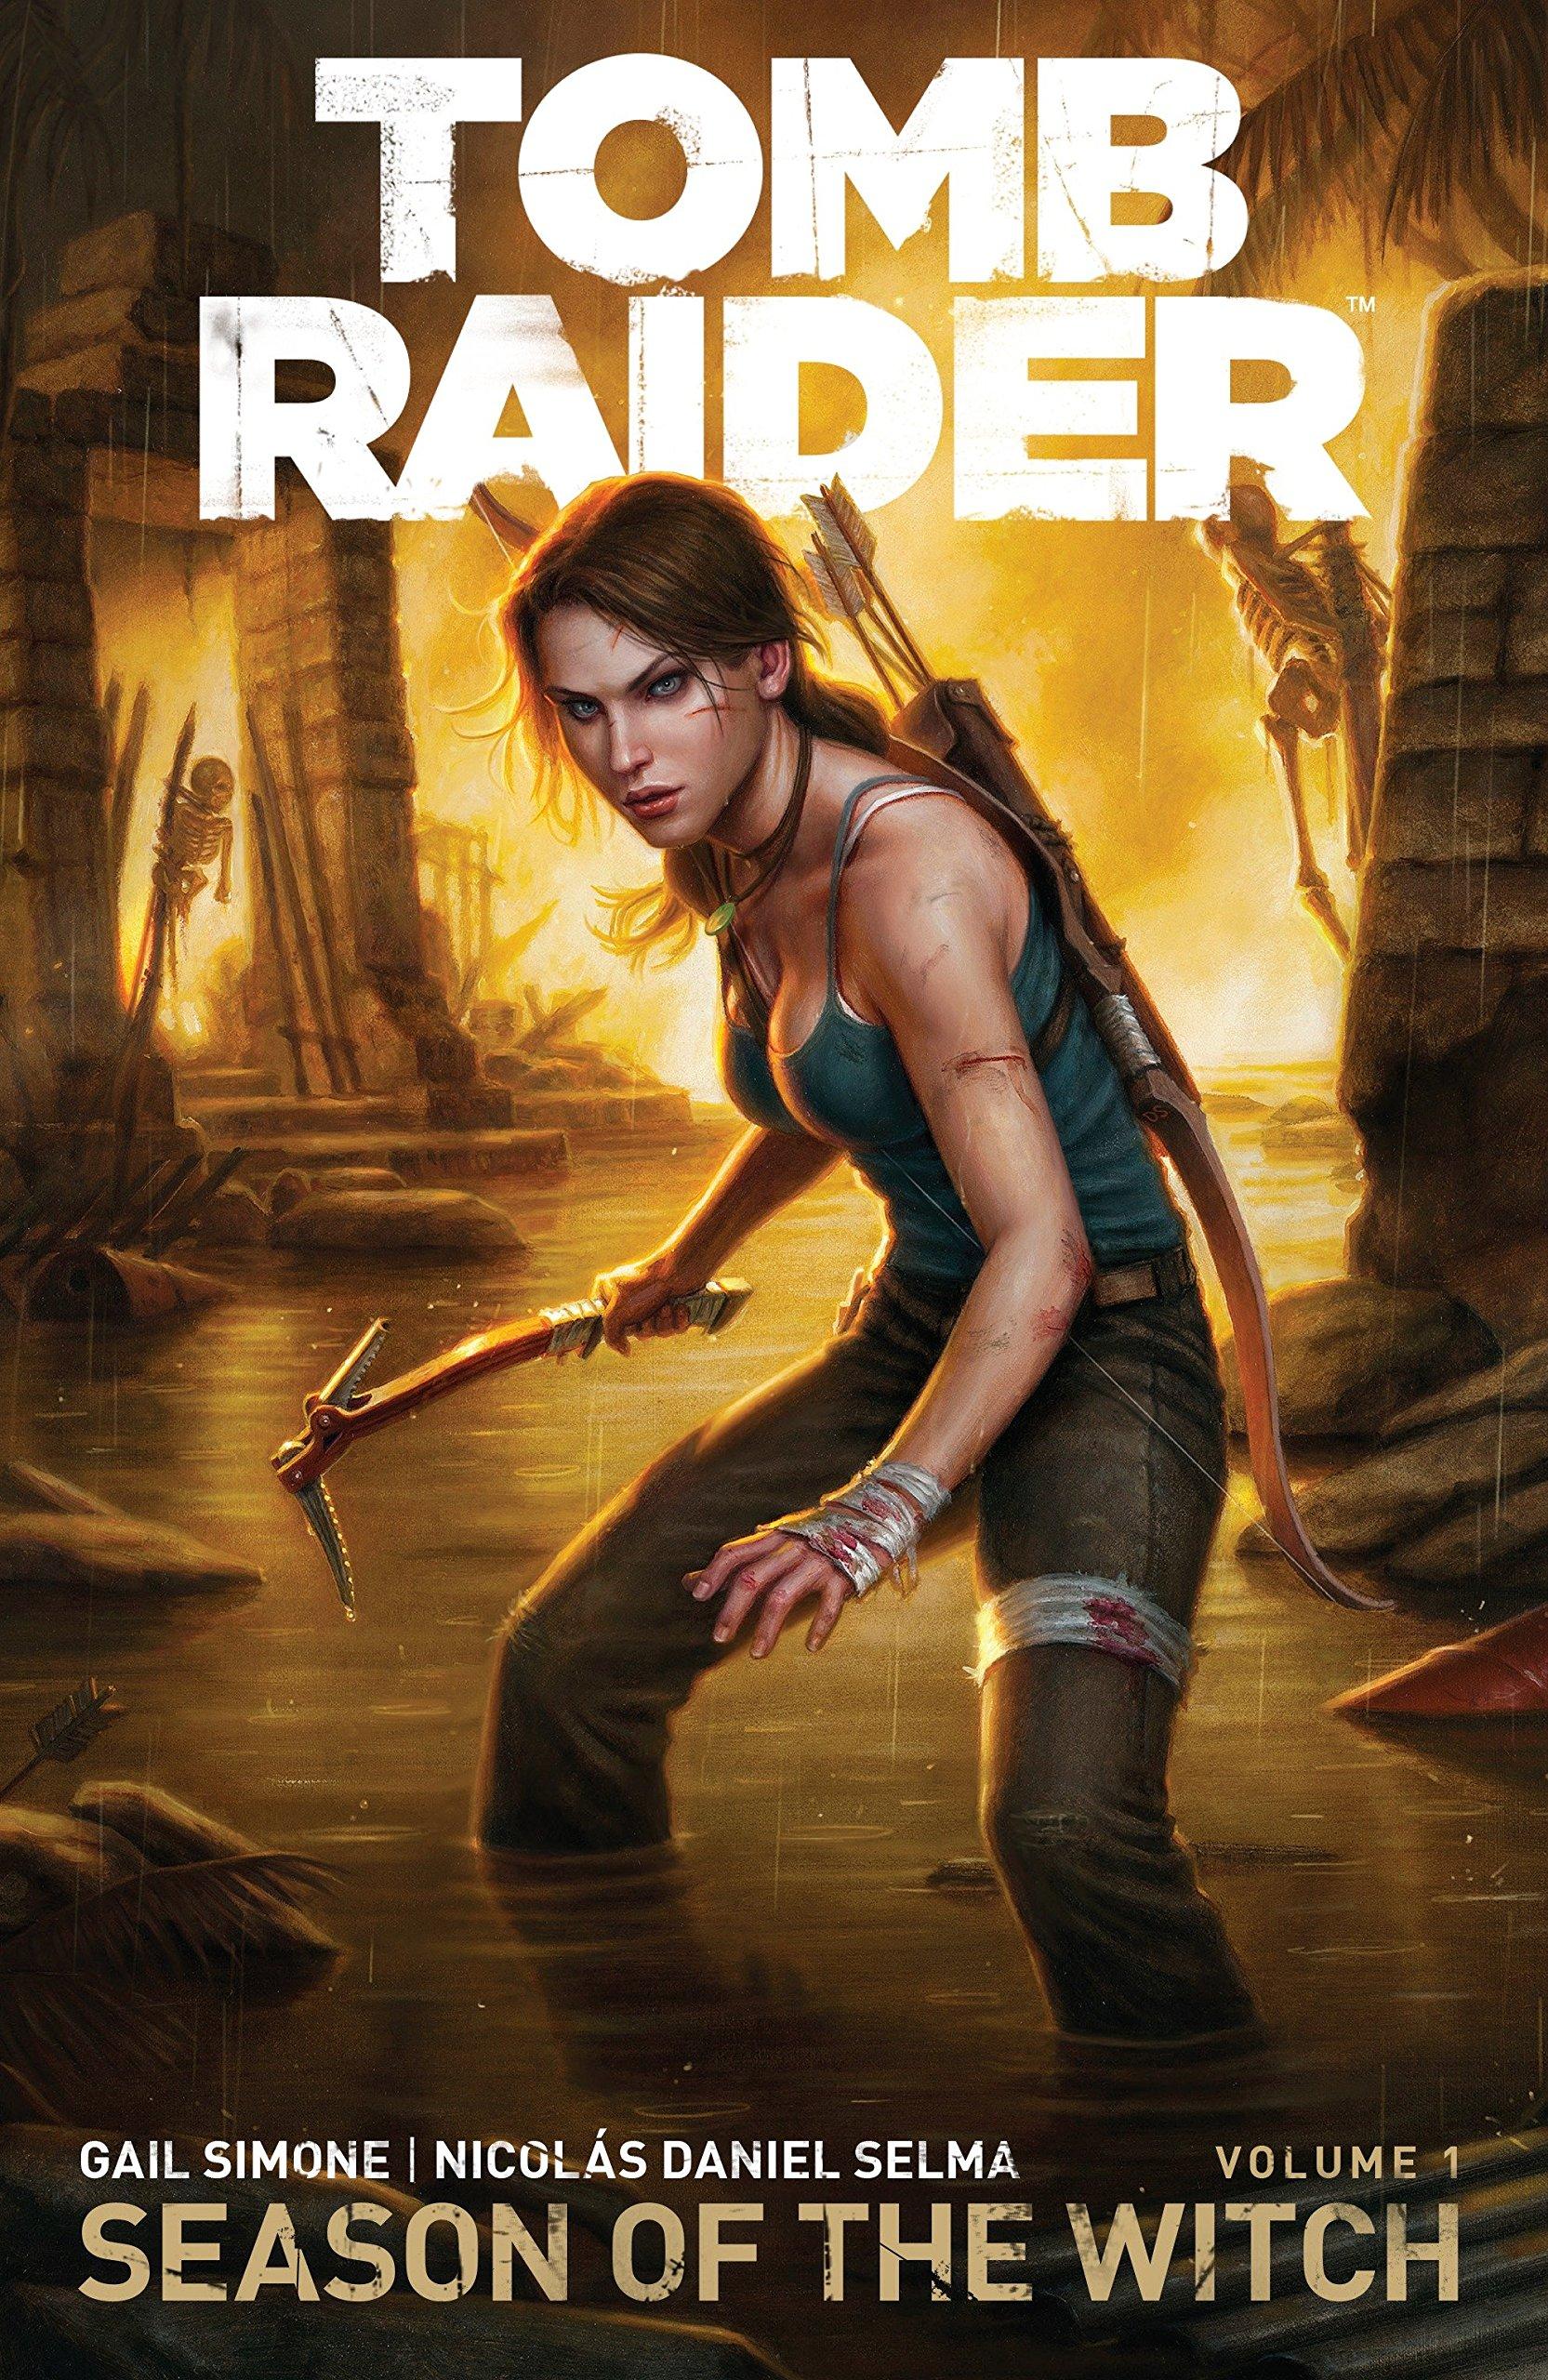 Tomb Raider Volume 1: Season of the Witch: Amazon.co.uk: Gail Simone:  9781616554910: Books